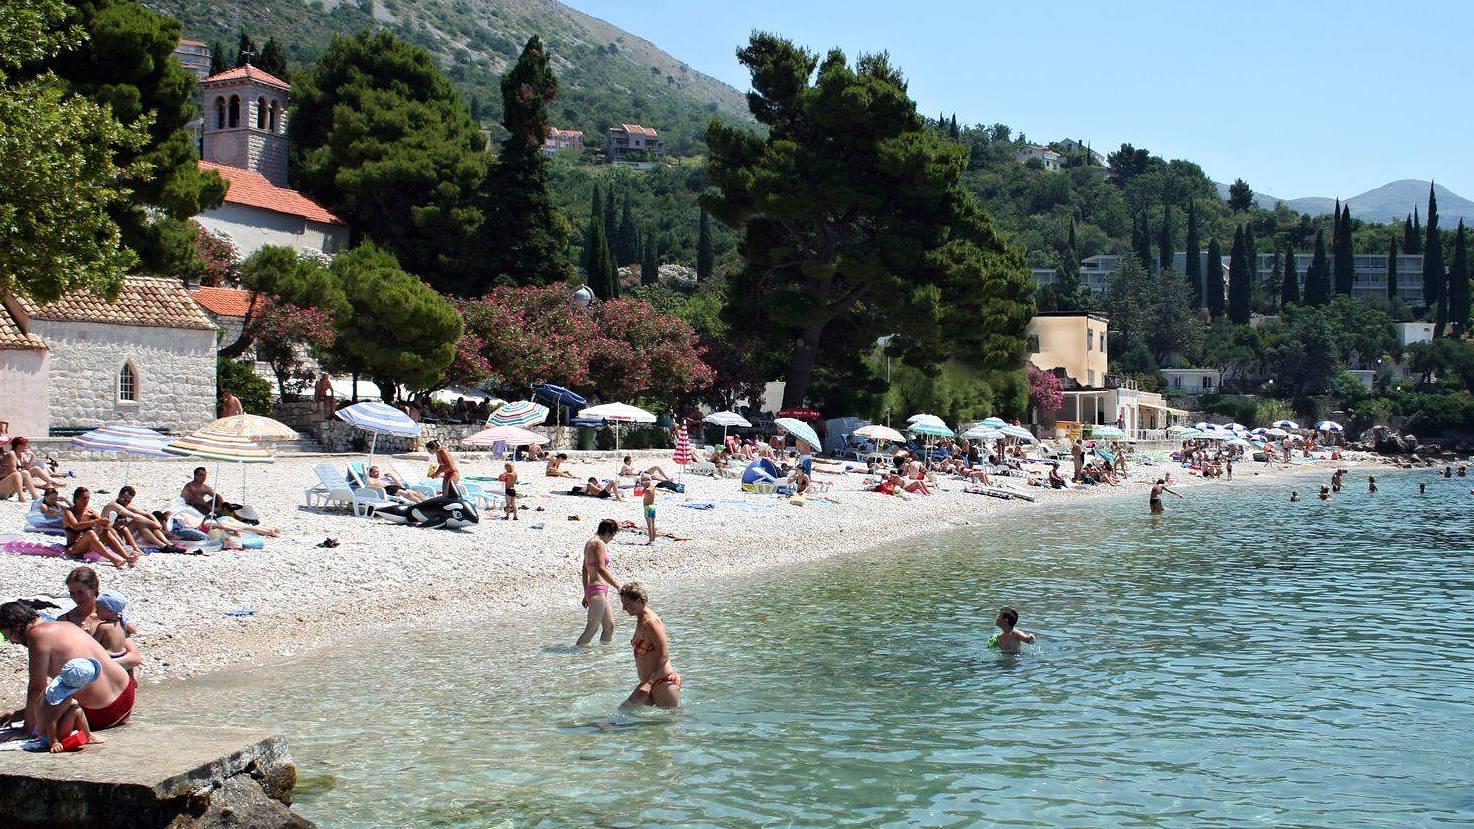 млини пляжи отзывы фото качестве фона